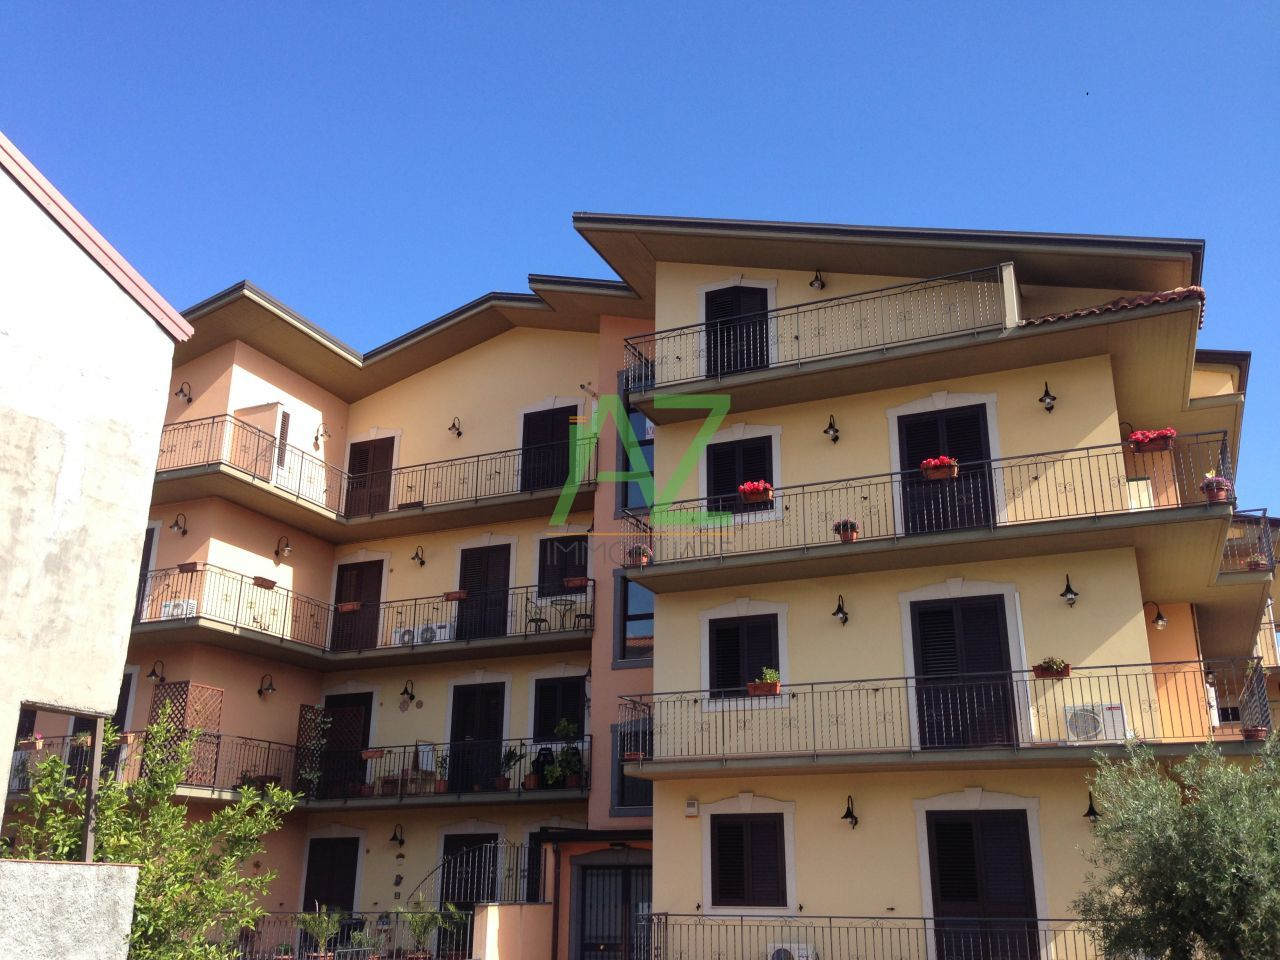 Attico / Mansarda in vendita a Belpasso, 2 locali, prezzo € 100.000 | PortaleAgenzieImmobiliari.it